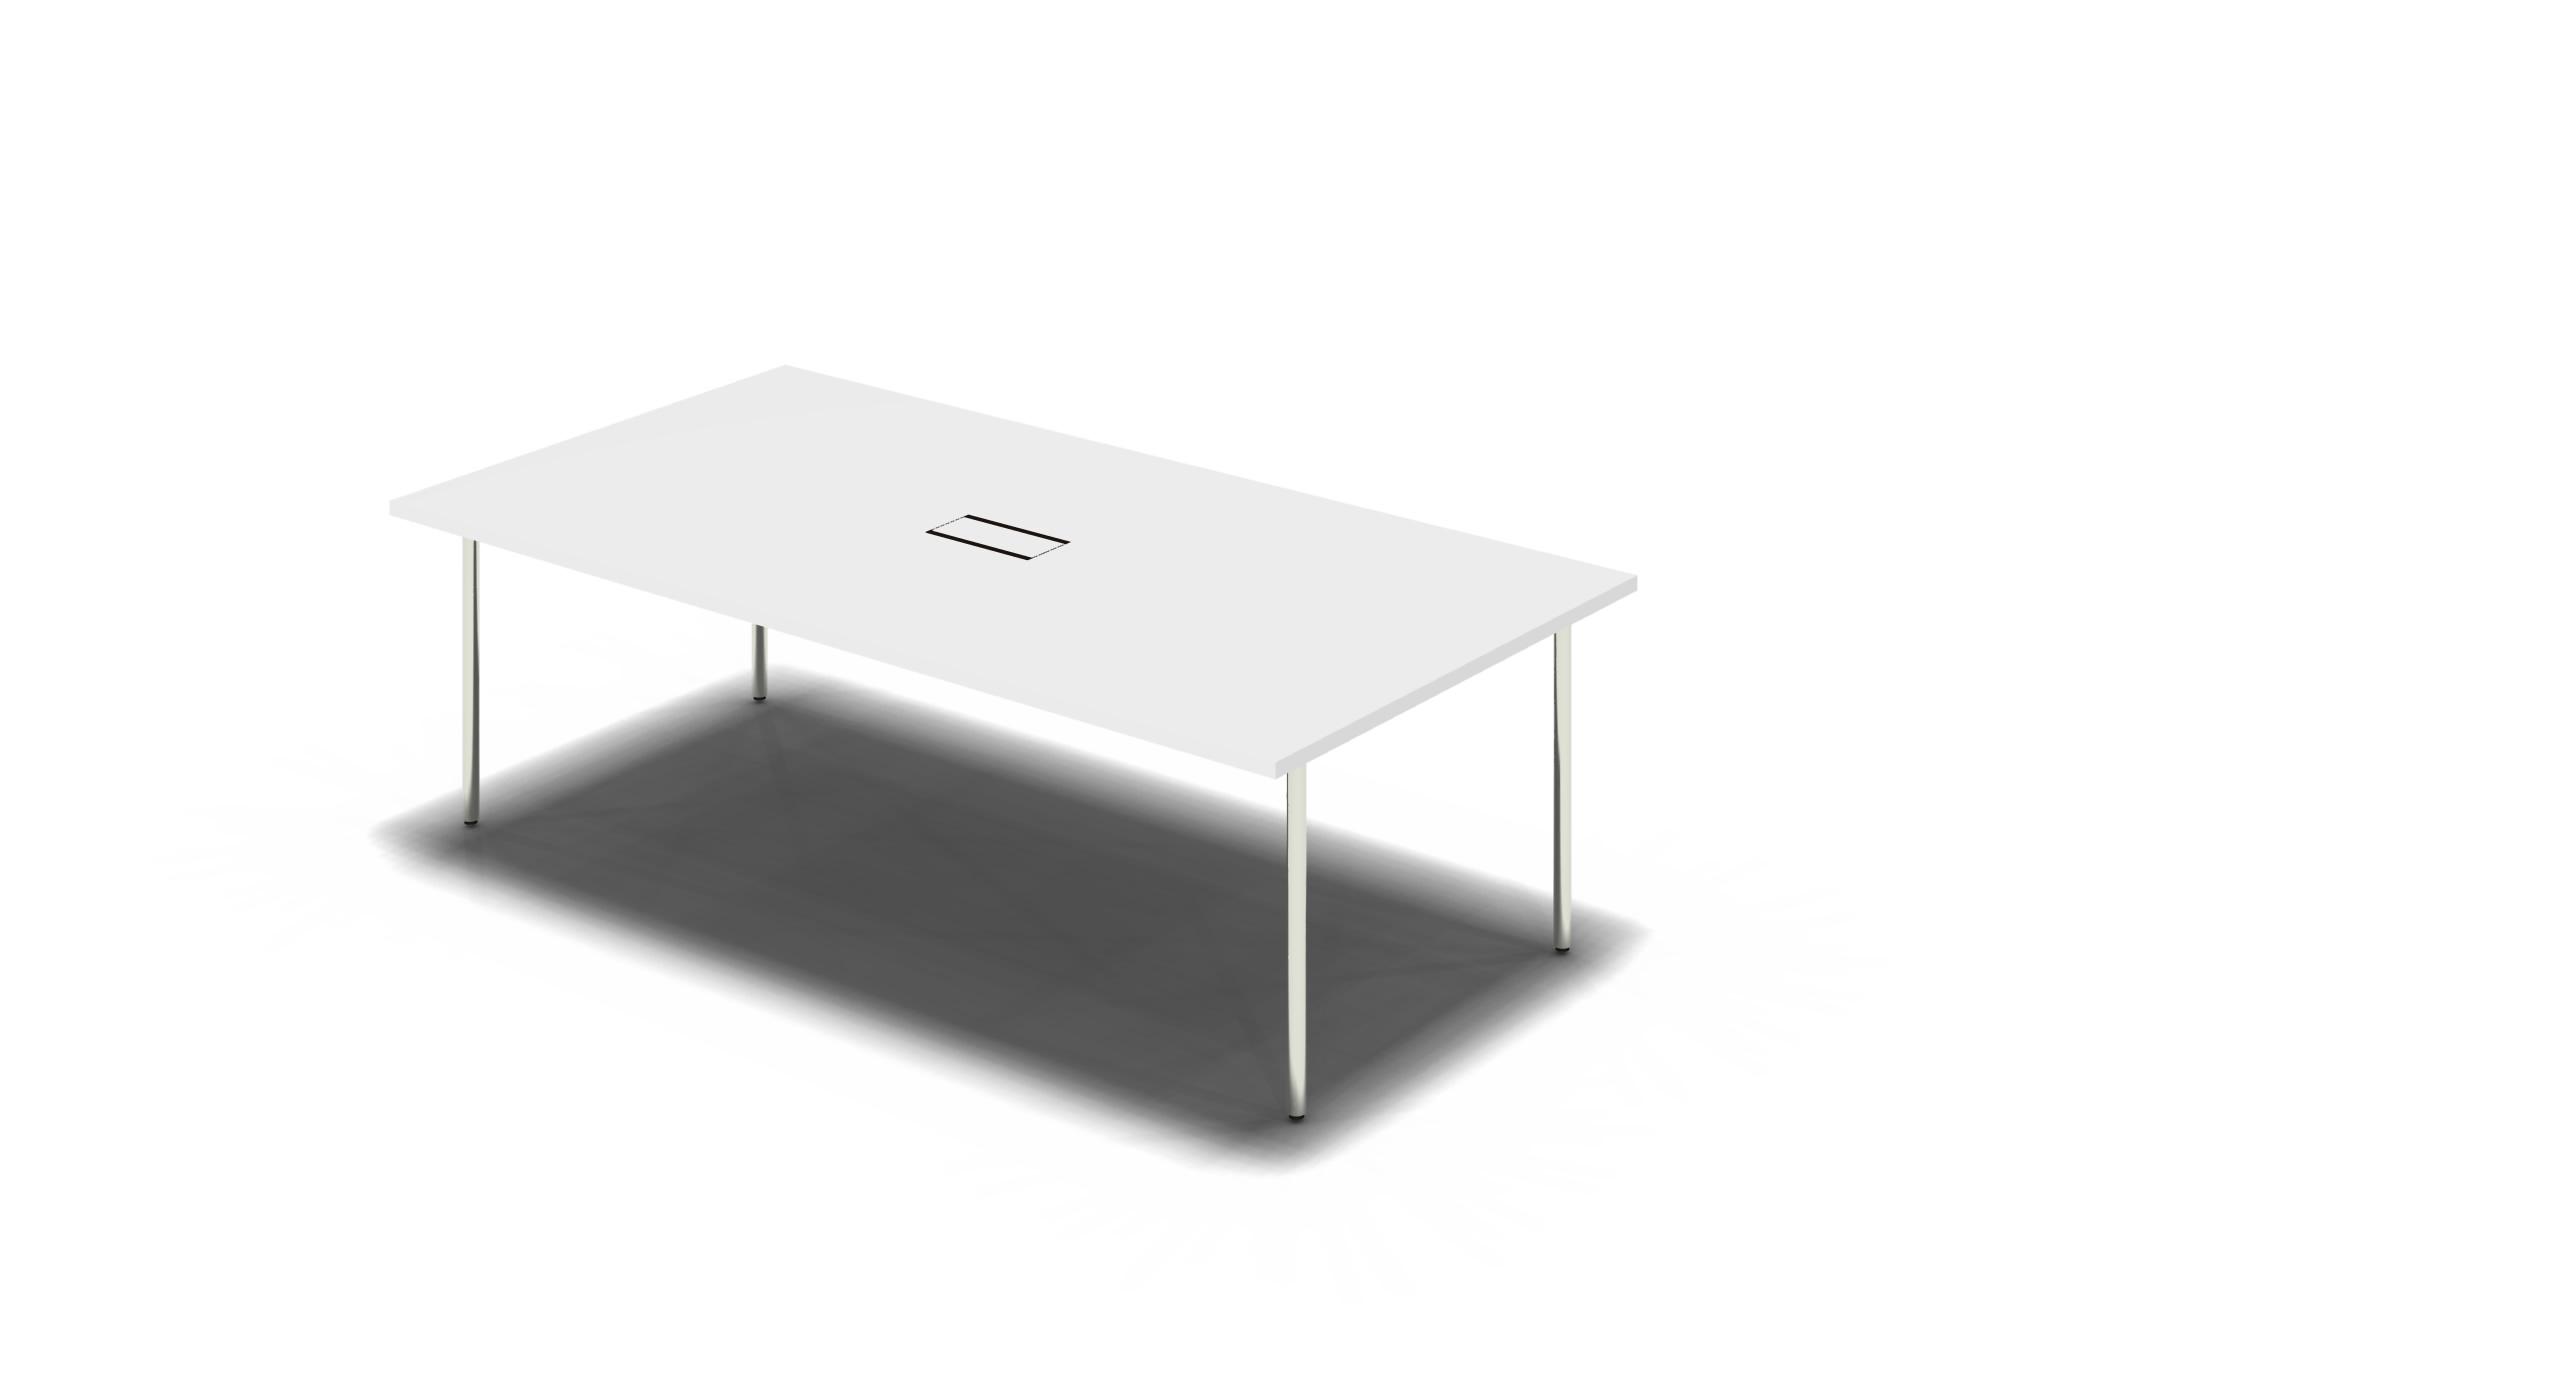 Table_Round_2100x1050_Chrome_White_withOption